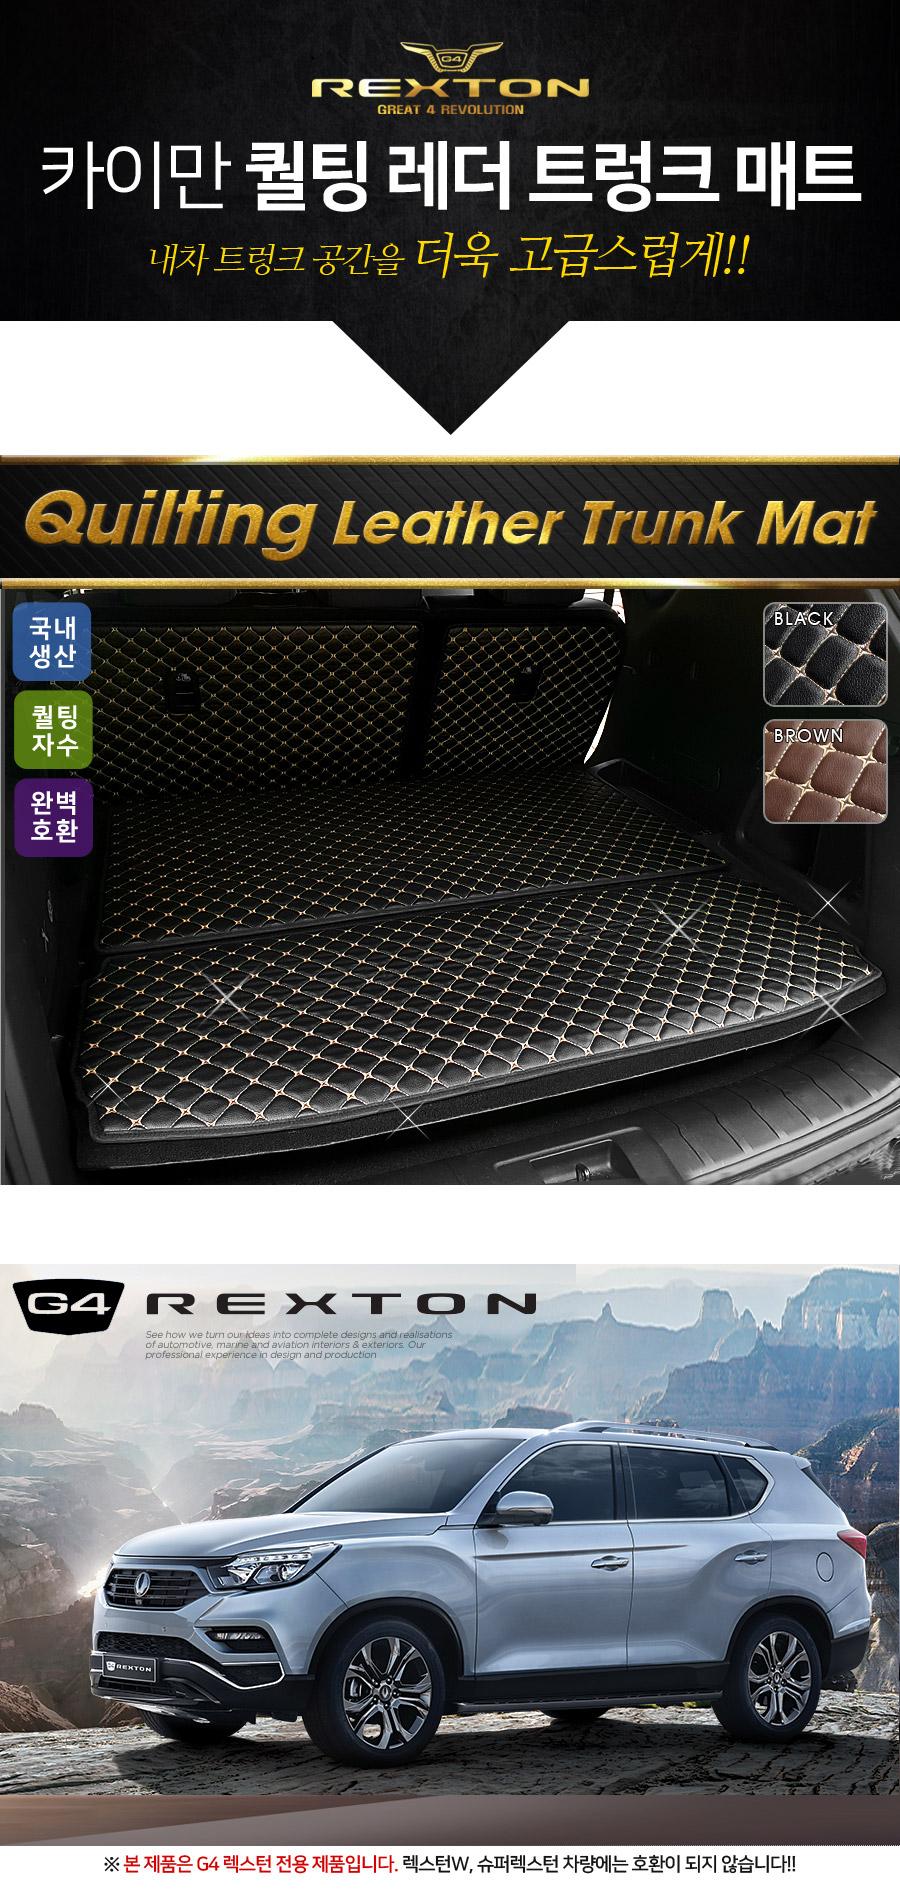 g4-rexton-quilting-trunk-mat_01.jpg